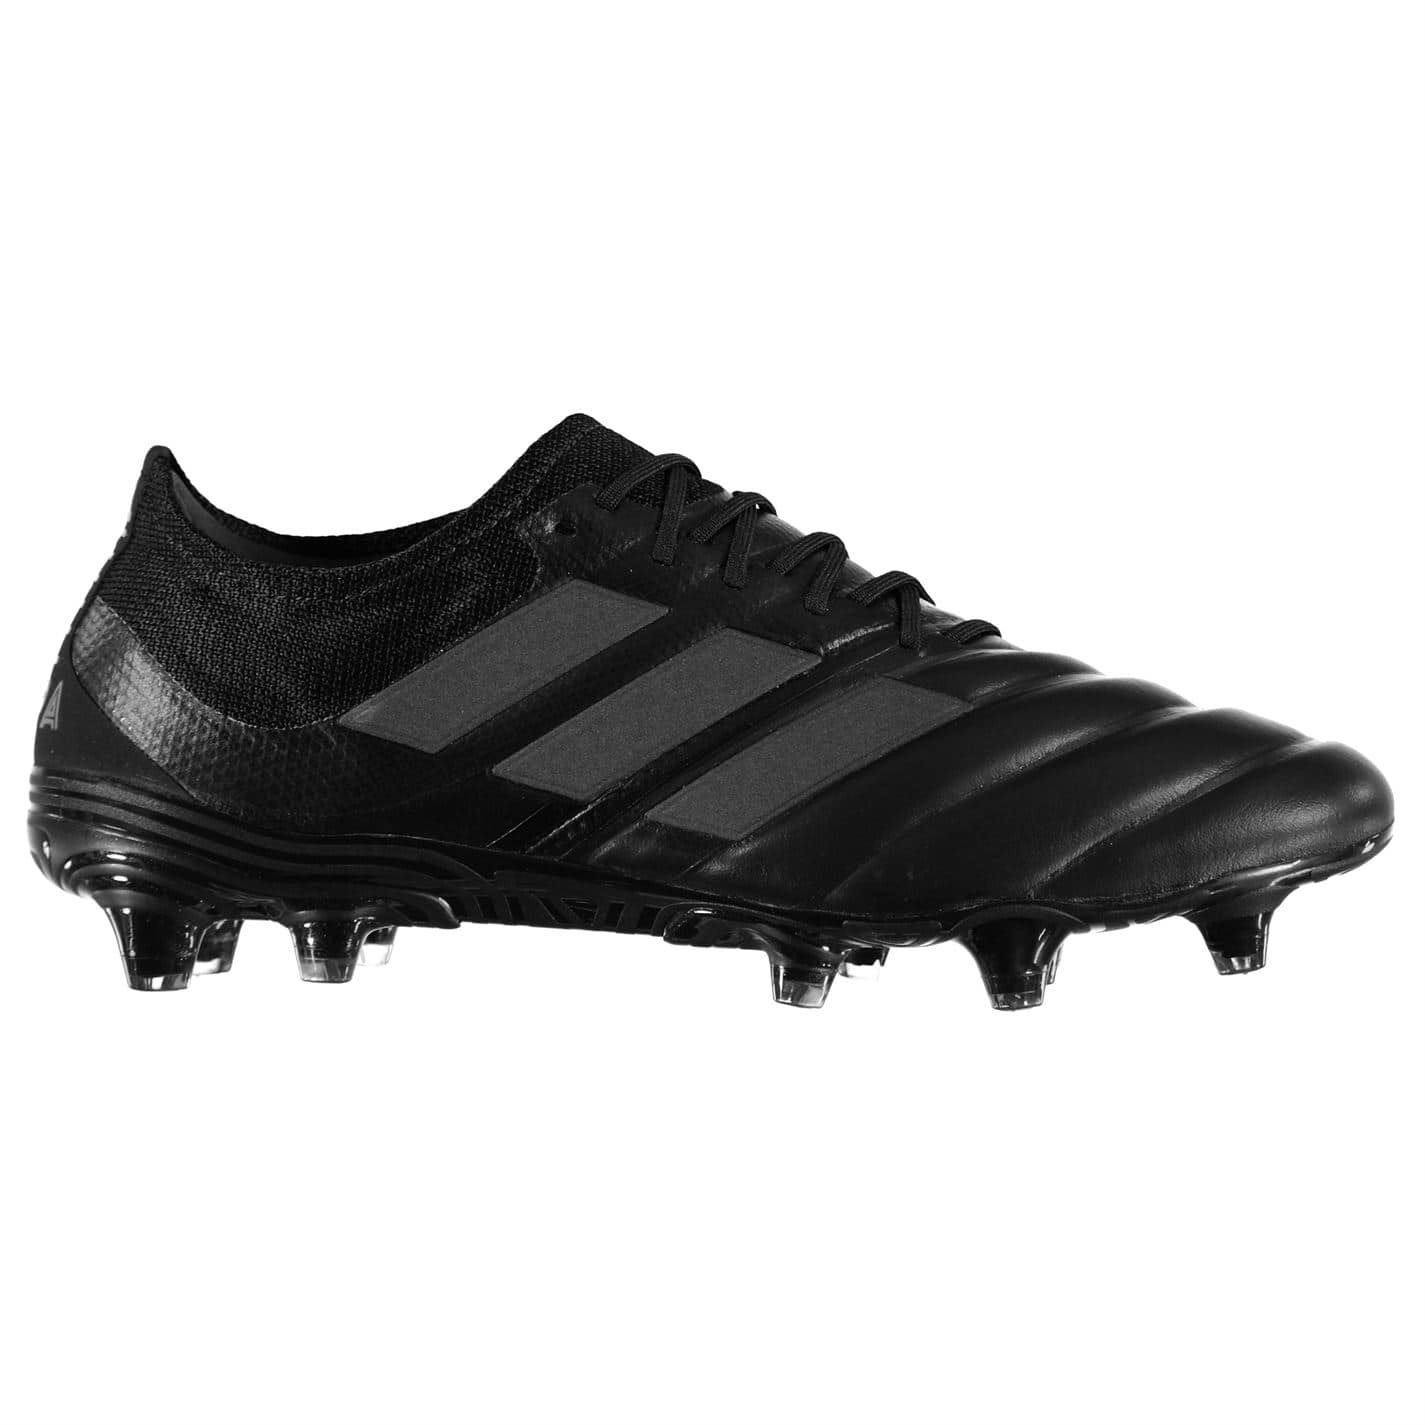 Fashion Trainers : adidas Mens Copa 19.3 Fg Footbal Shoes